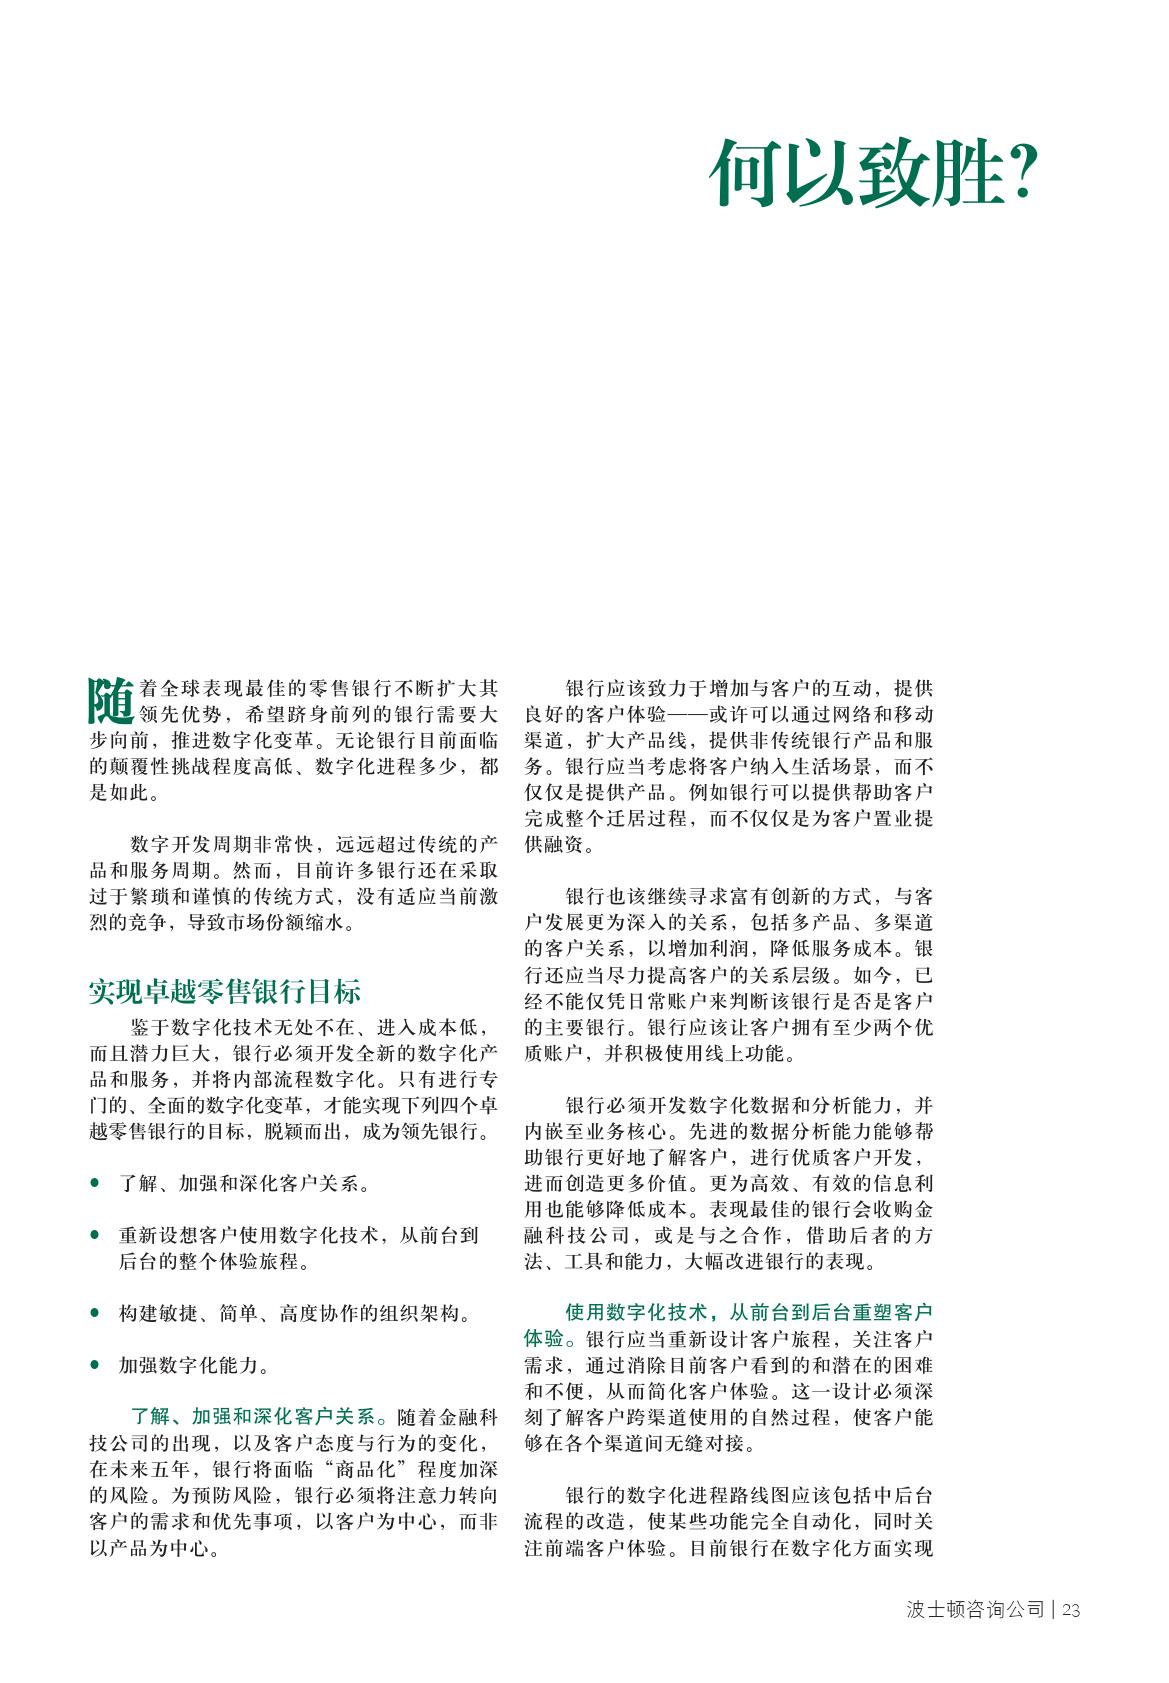 2016年全球零售银行业报告_000025